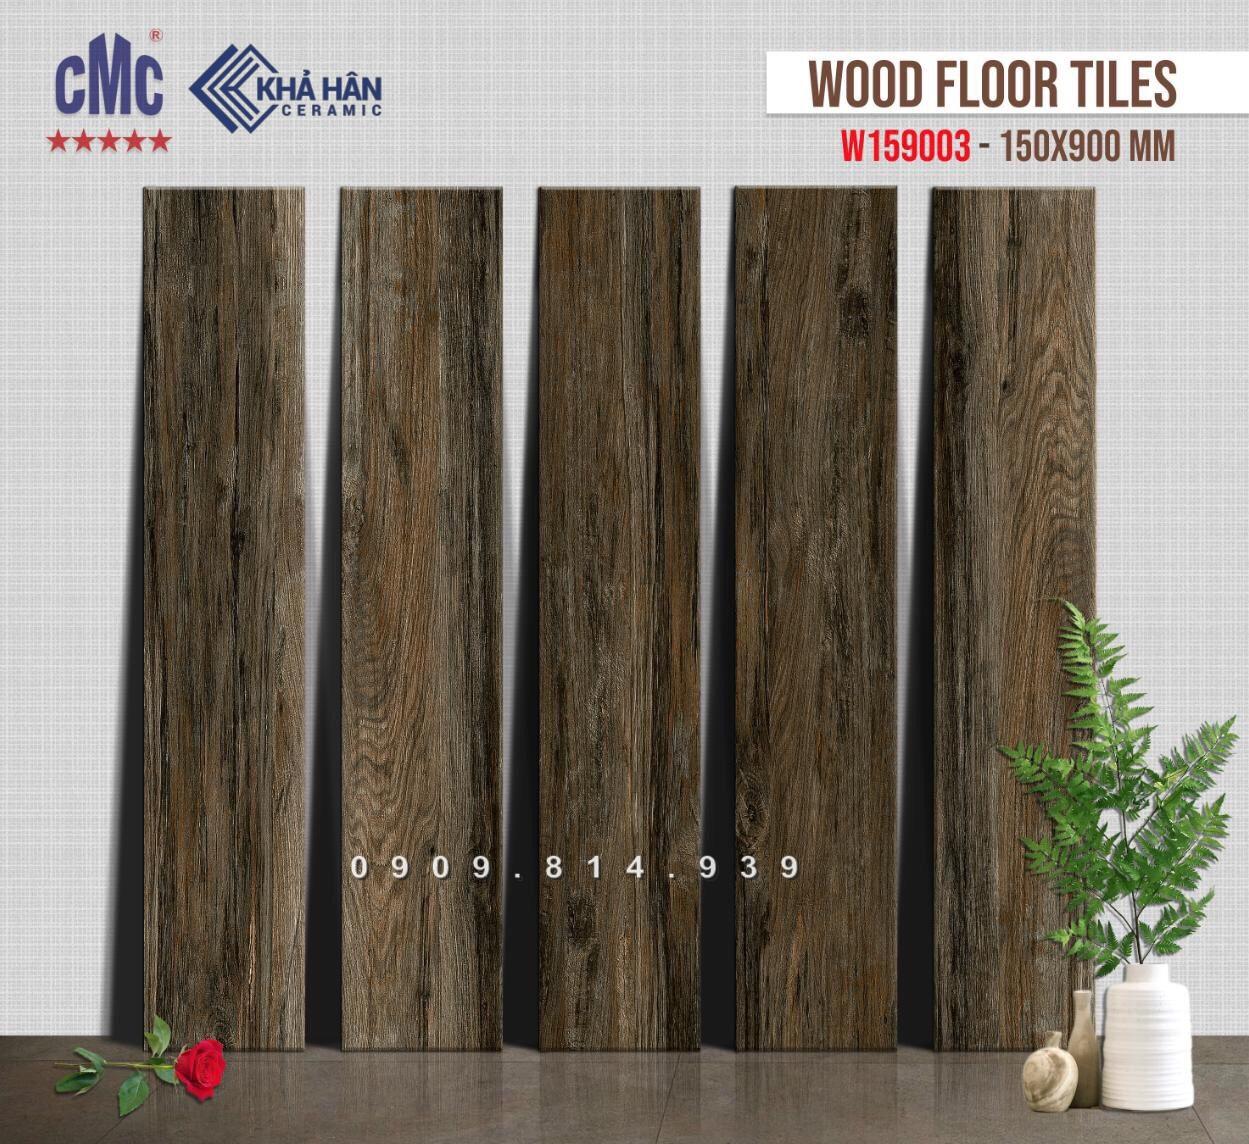 gạch giả gỗ giá rẻ, gạch giả gỗ CMC15x90 giá rẻ, gạch giả gỗ cao cấp giá rẻ, gạch giả gỗ 15x90 nhập khẩu giá rẻ